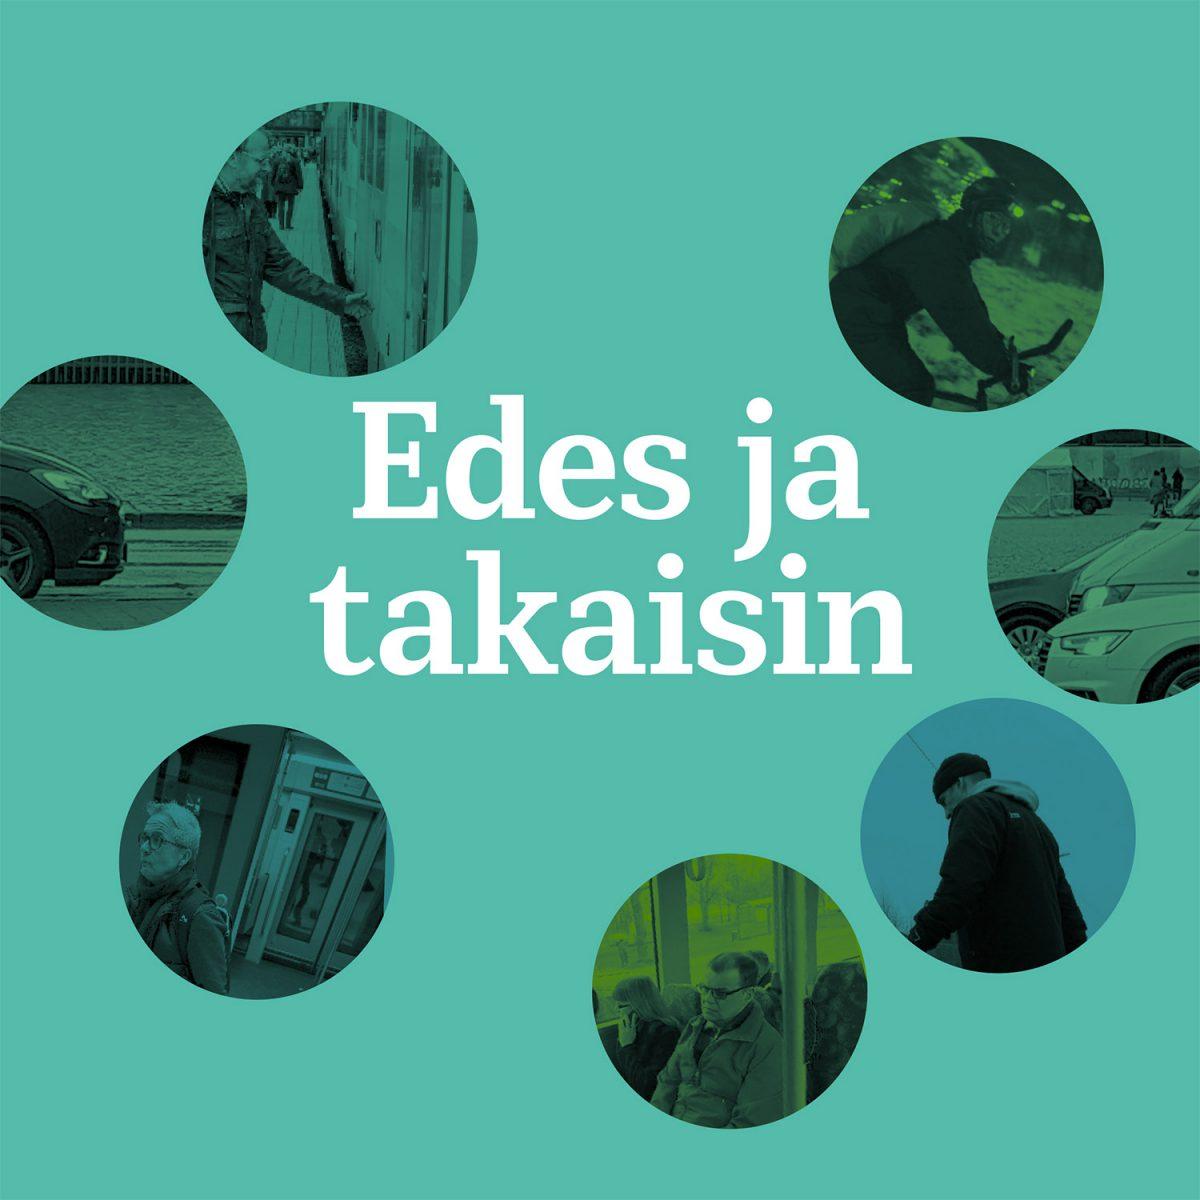 Suomalaiset tekevät miljoonia työmatkoja joka päivä – voisiko kulkemisesta tehdä mielekkäämpää ja terveellisempää?